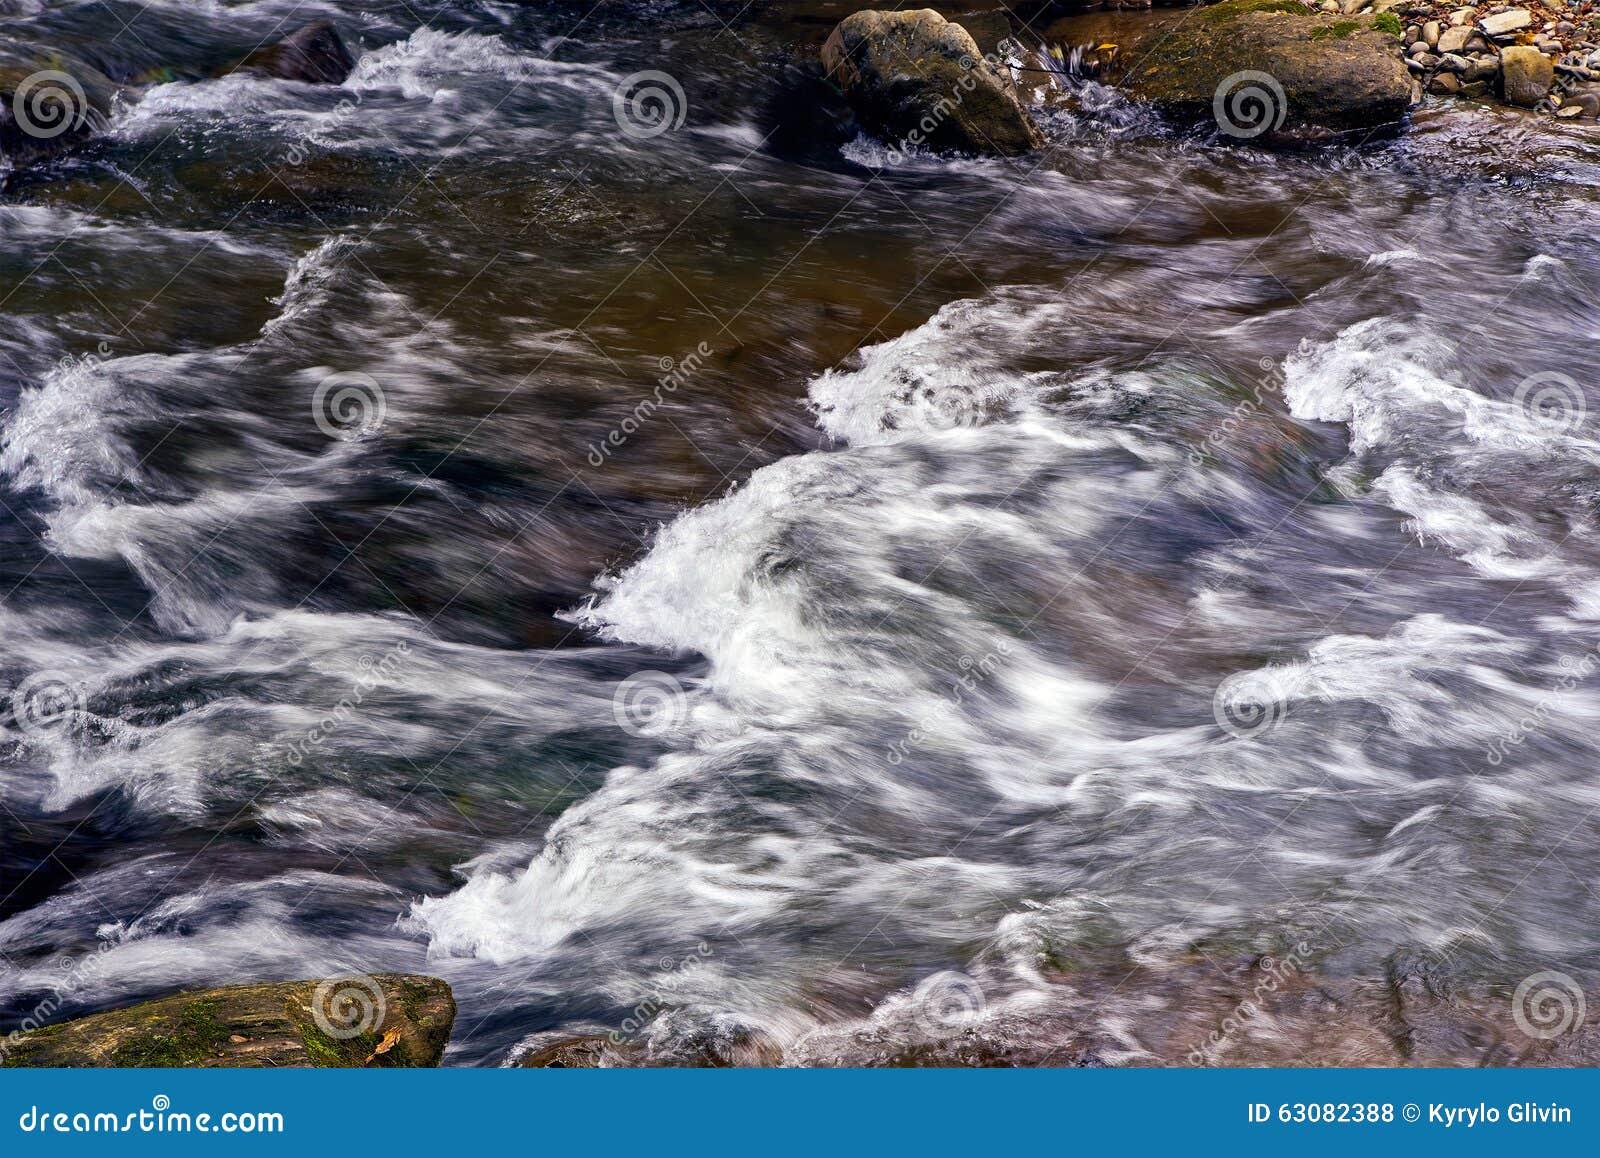 Download Rivière De Courant De Montagne Avec La Rapide Photo stock - Image du scène, automne: 63082388